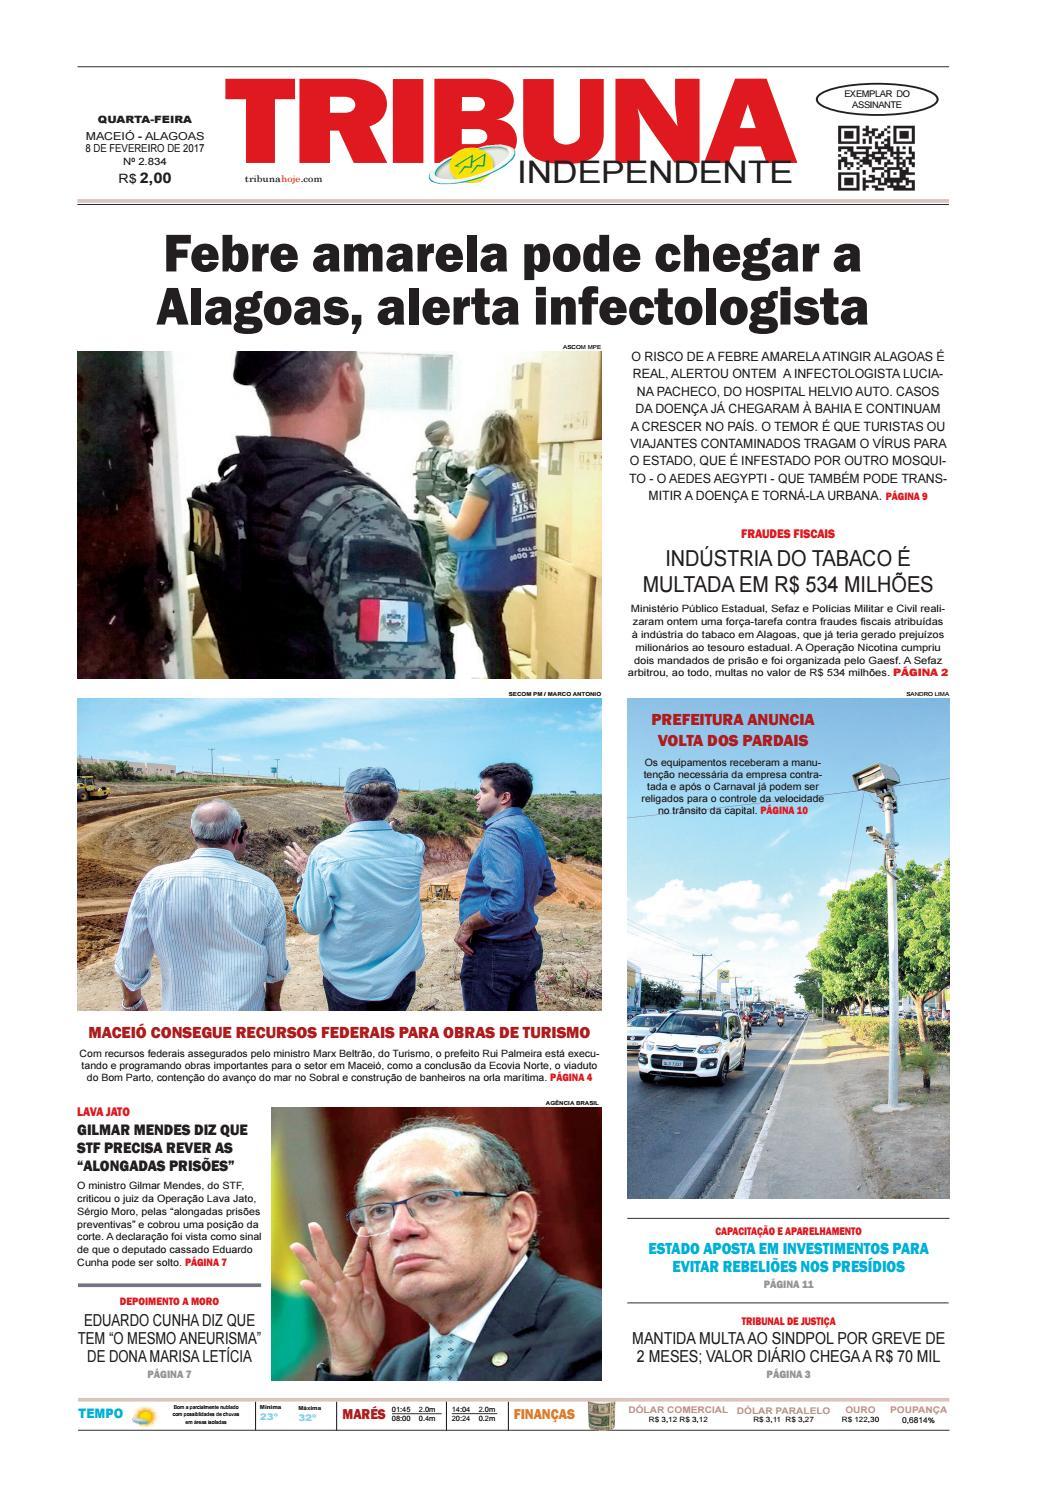 a8ce3fab17657 Edição número 2834 - 8 de fevereiro de 2017 by Tribuna Hoje - issuu